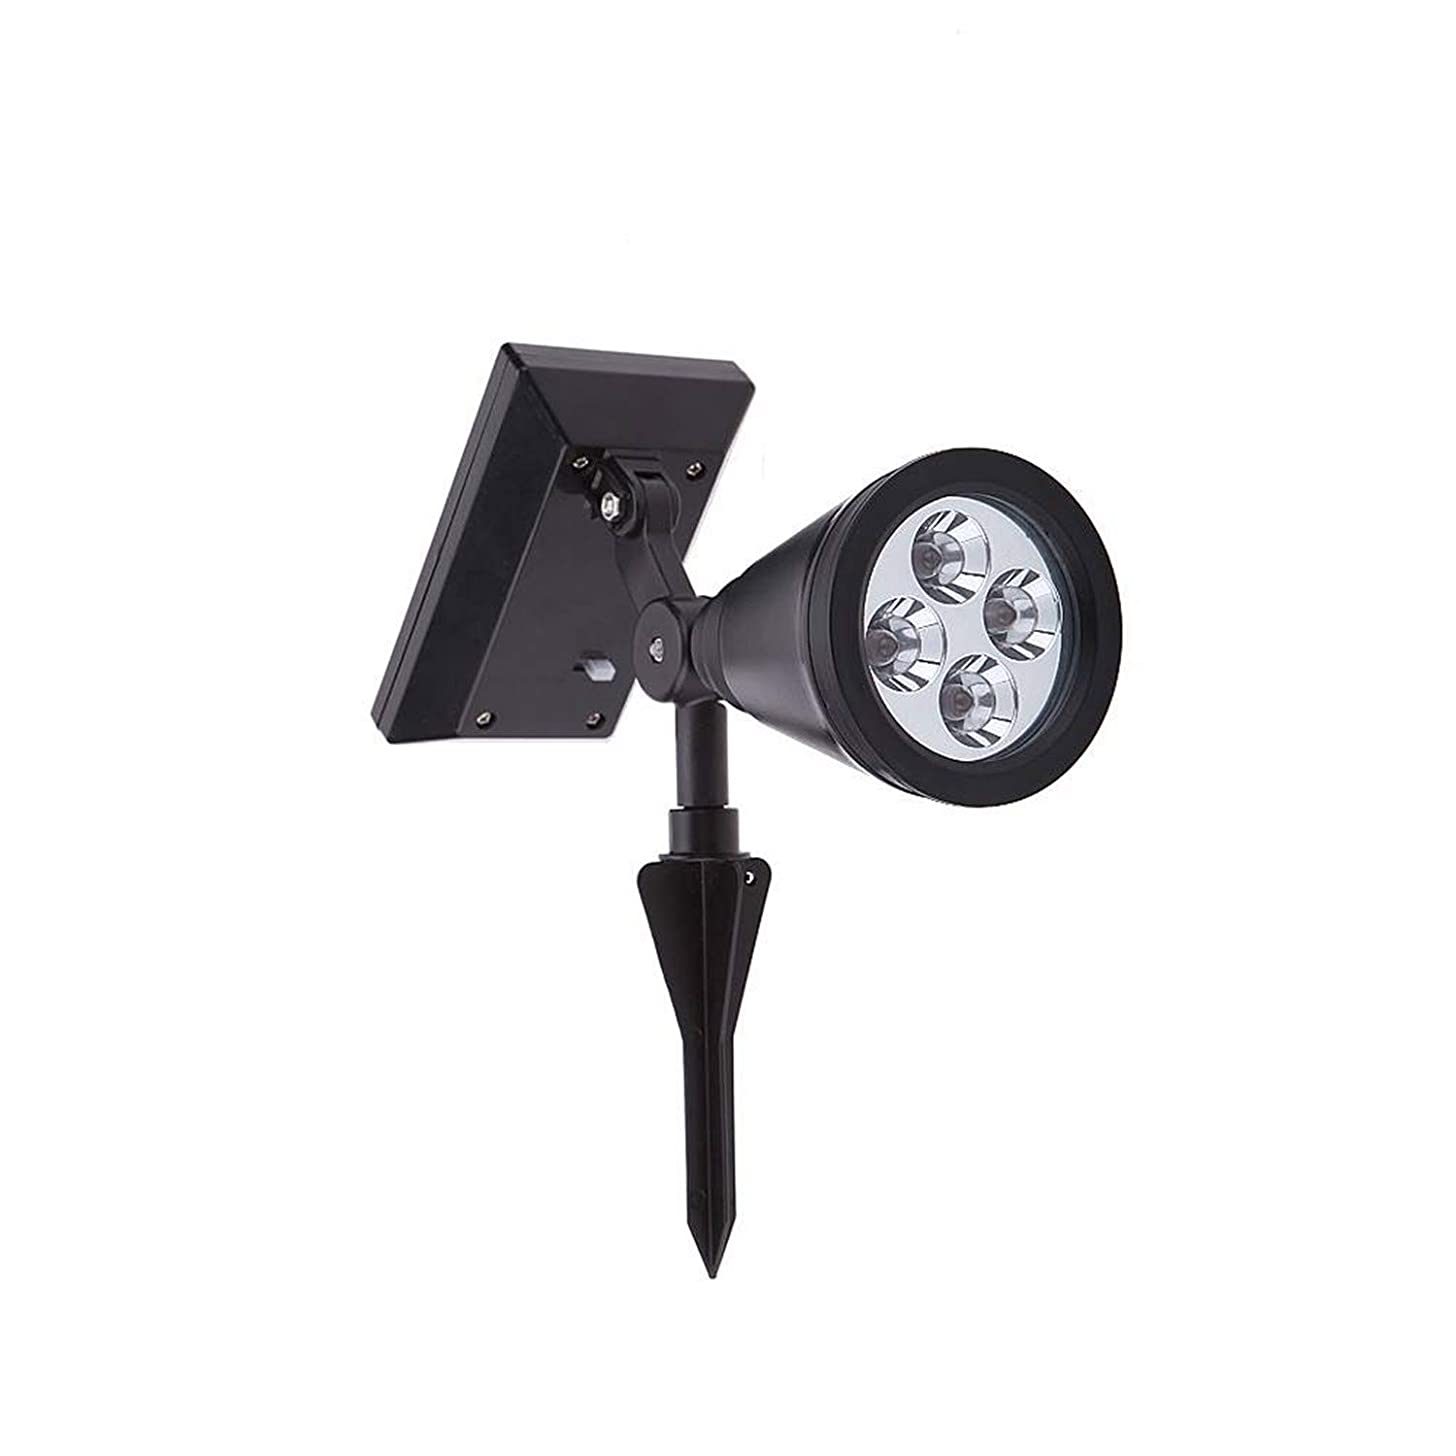 SHUTAO 4W Solar Powered Panel 3 LED Light Lamp USB 5V Cell Mobile Phone Charger